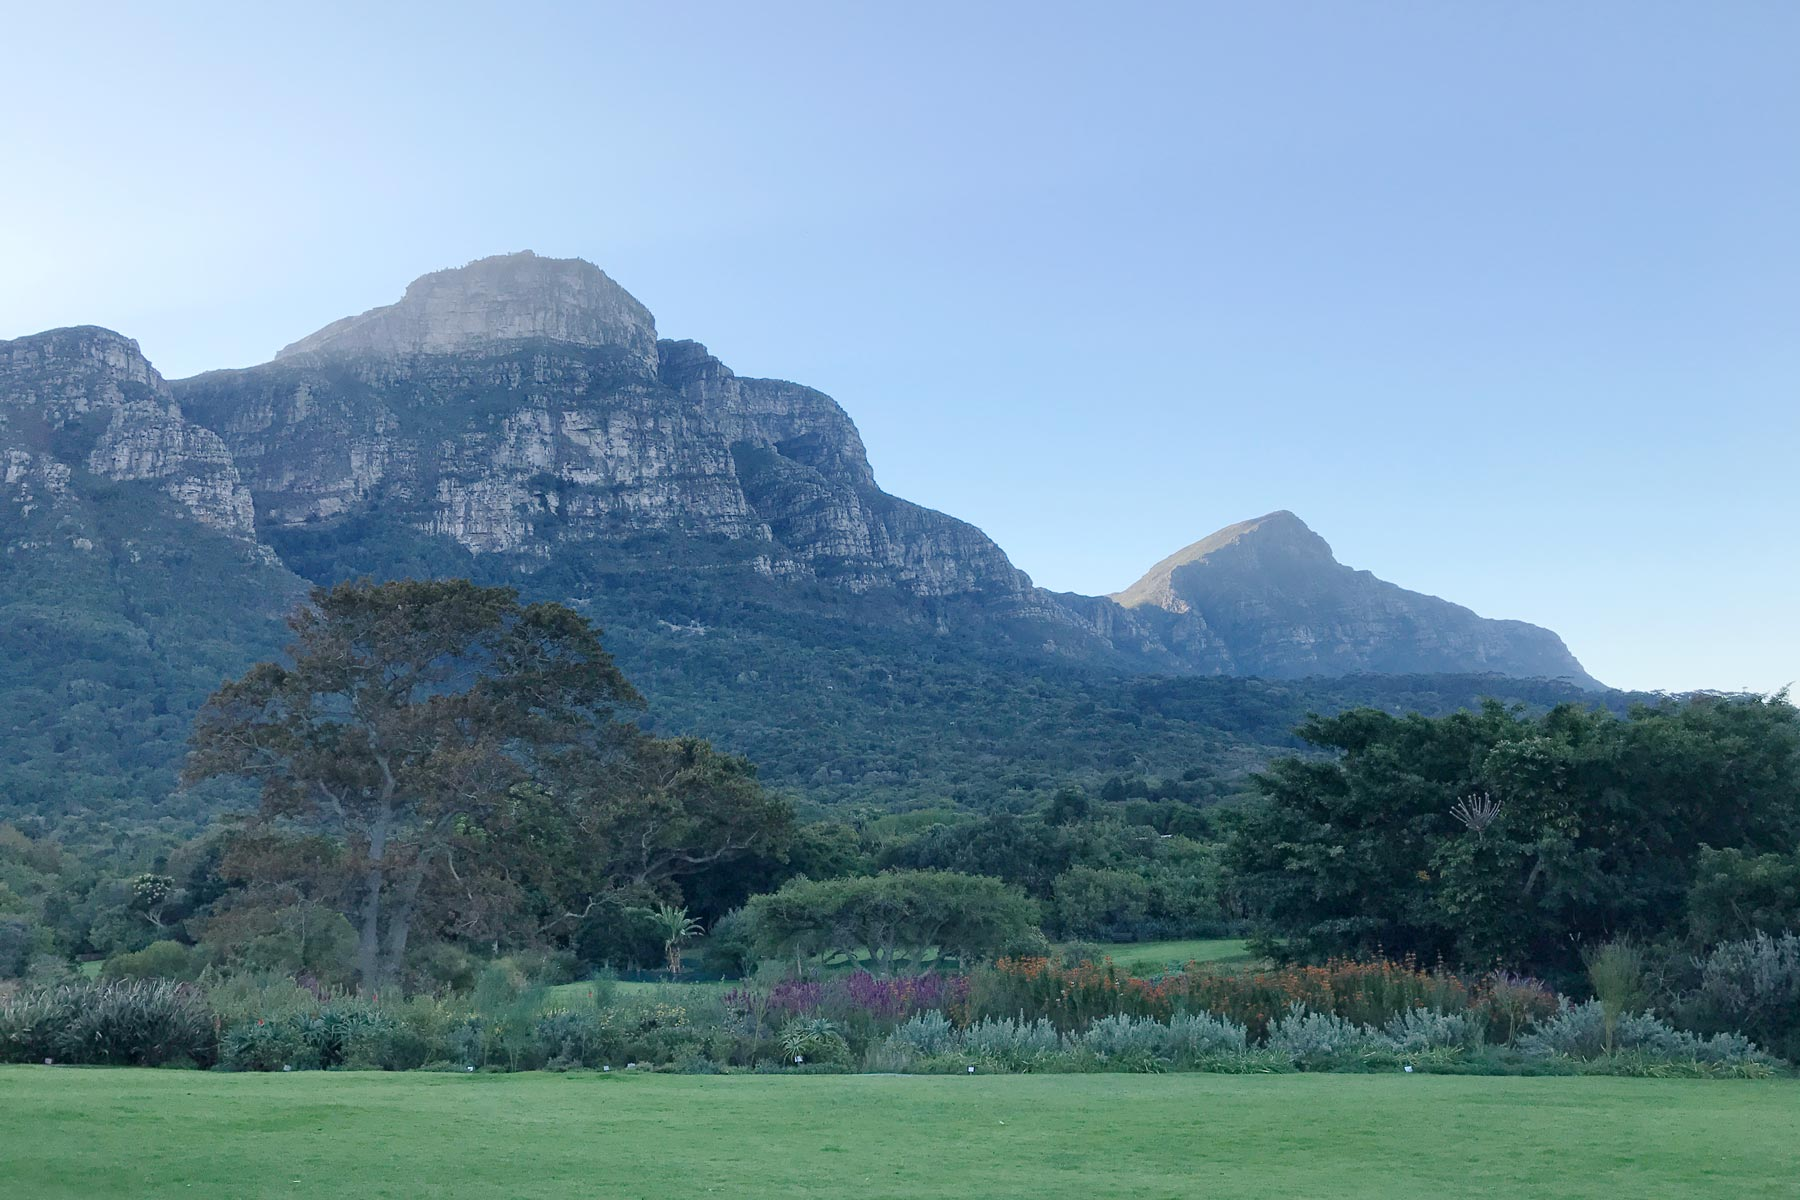 Kirstenbosch Botanical Gardens in South Africa